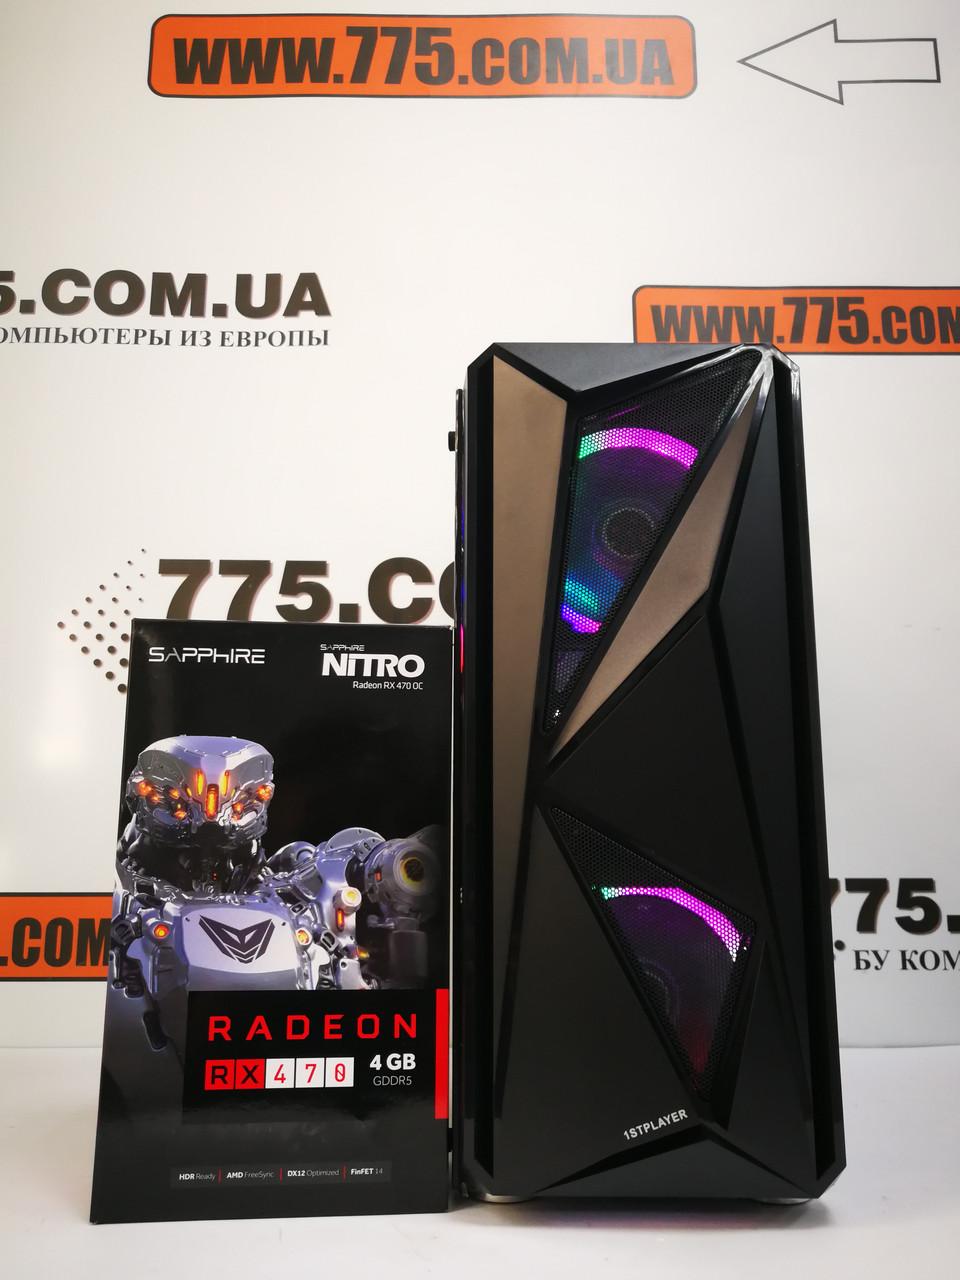 Игровой компьютер, Intel Core i5-2400 3.4GHz, RAM 8ГБ, SSD 120ГБ, HDD 500ГБ, RX 470 4ГБ, фото 1